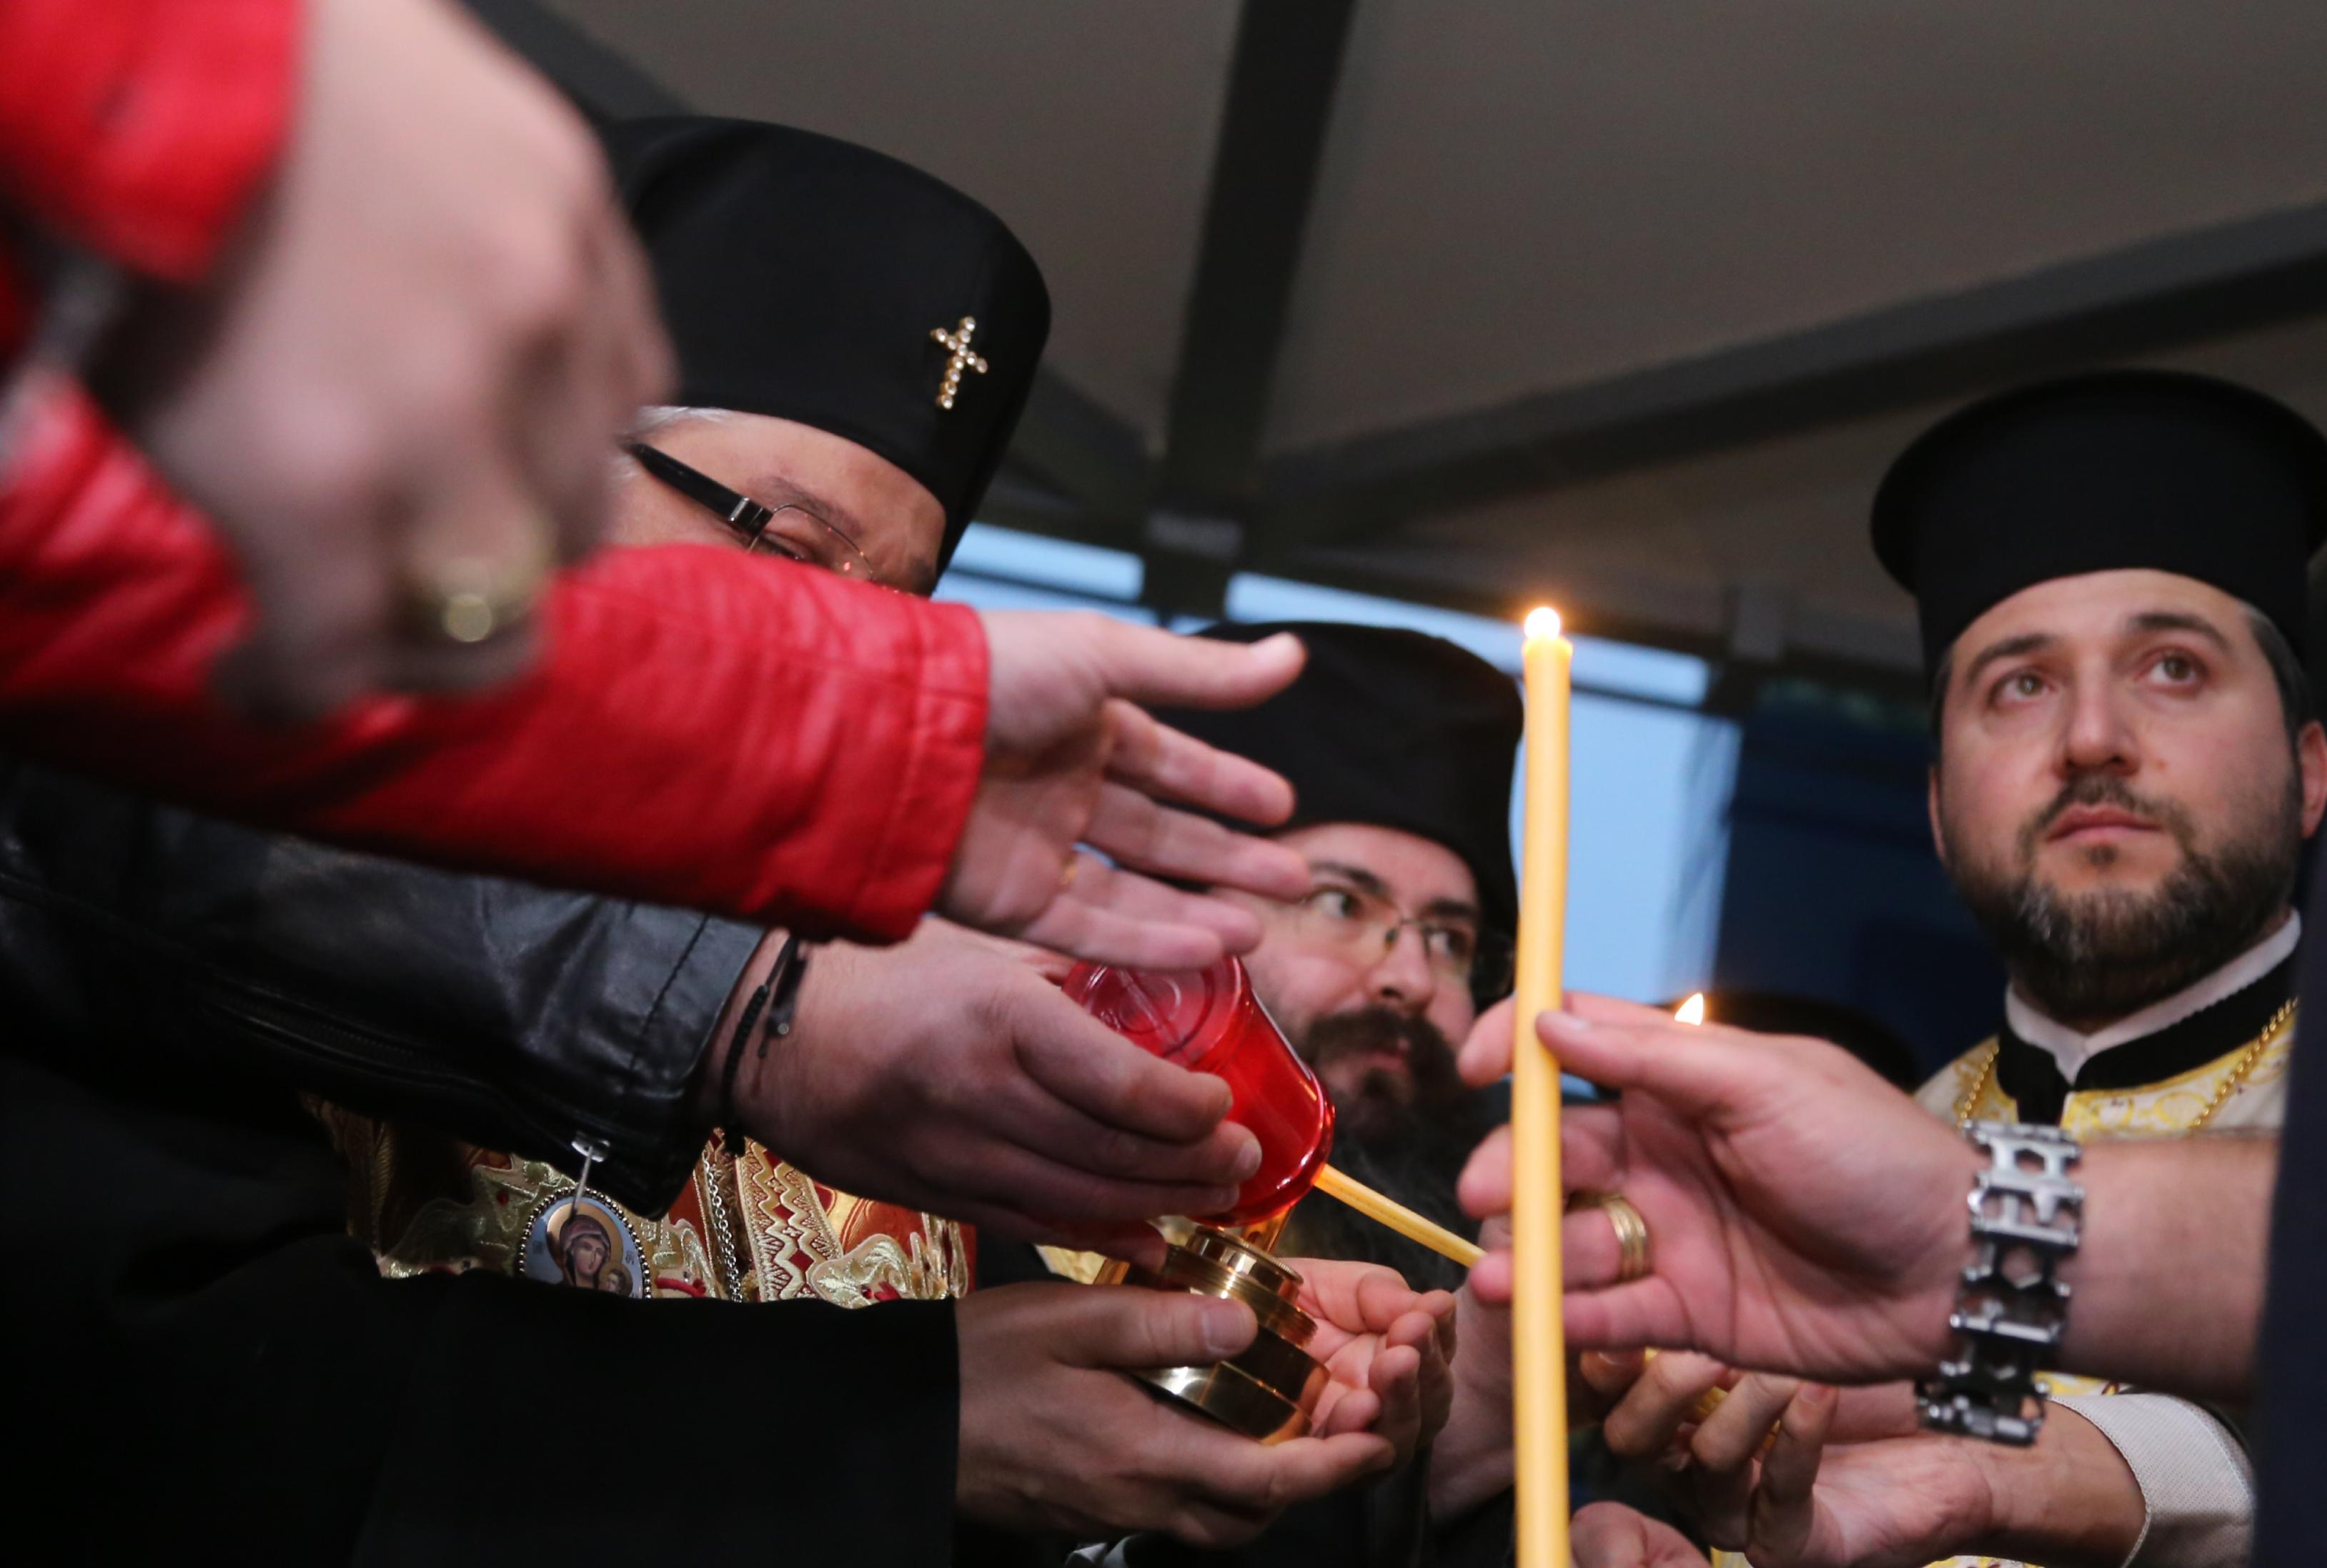 Правителственият фалкон, на борда на който се намира Благодатният огън, кацна на летище София. Огънят пристигна със специални огнеупорни фенера и бе донесен от българската делегация, начело с Негово преосвещенство Старозагорския митрополит Киприян.